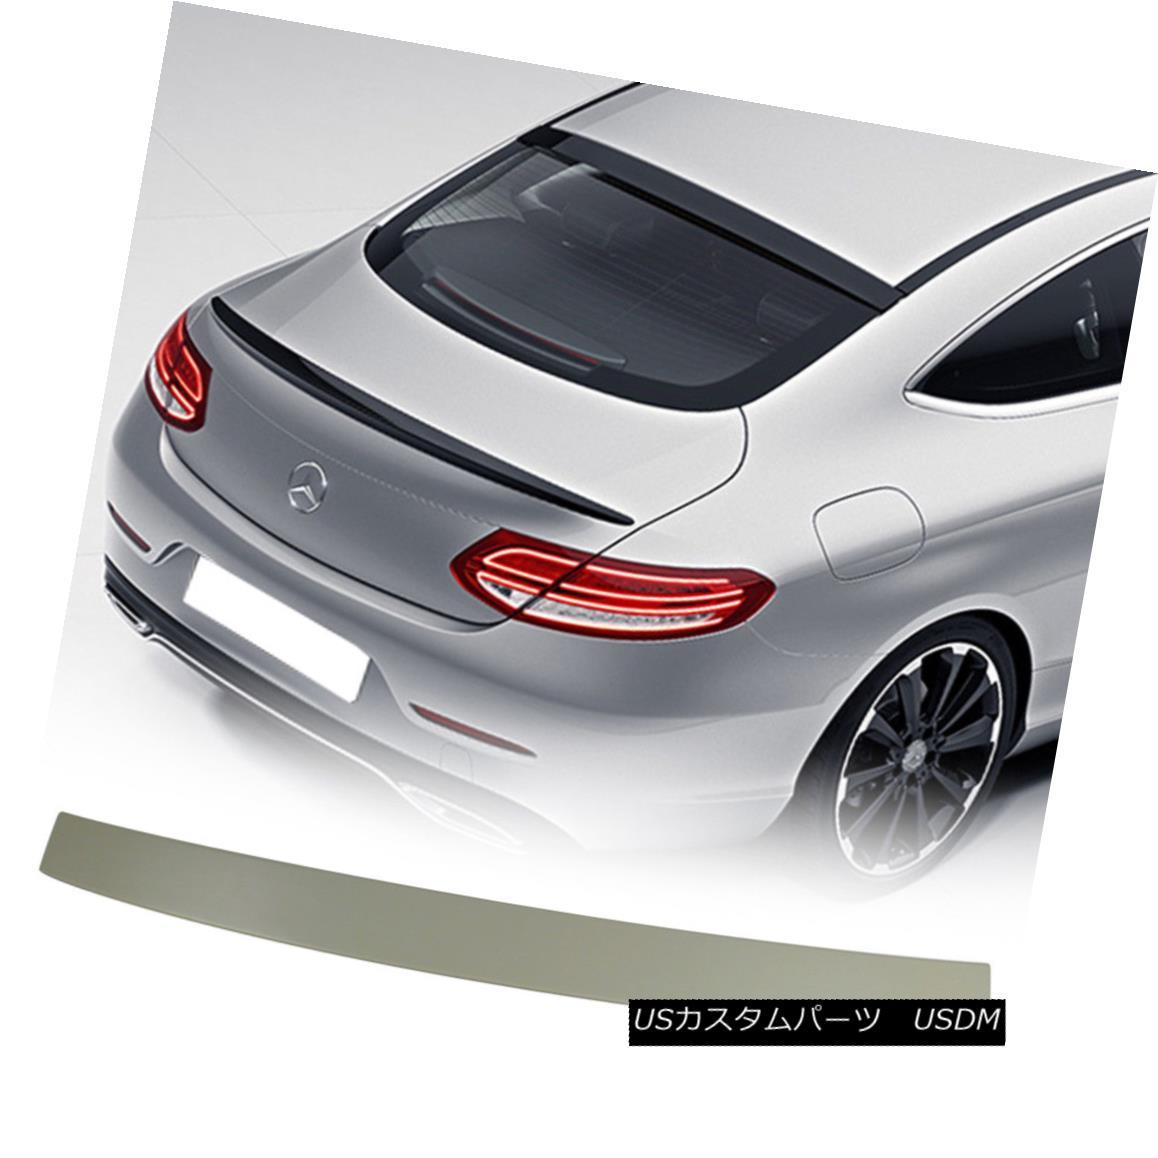 エアロパーツ Mercedes BENZ C-Class C205 Coupe Unpaint ABS OE Look Rear Roof Spoiler メルセデスベンツCクラスC205クーペ未塗装ABS OEルーフルーフスポイラールック